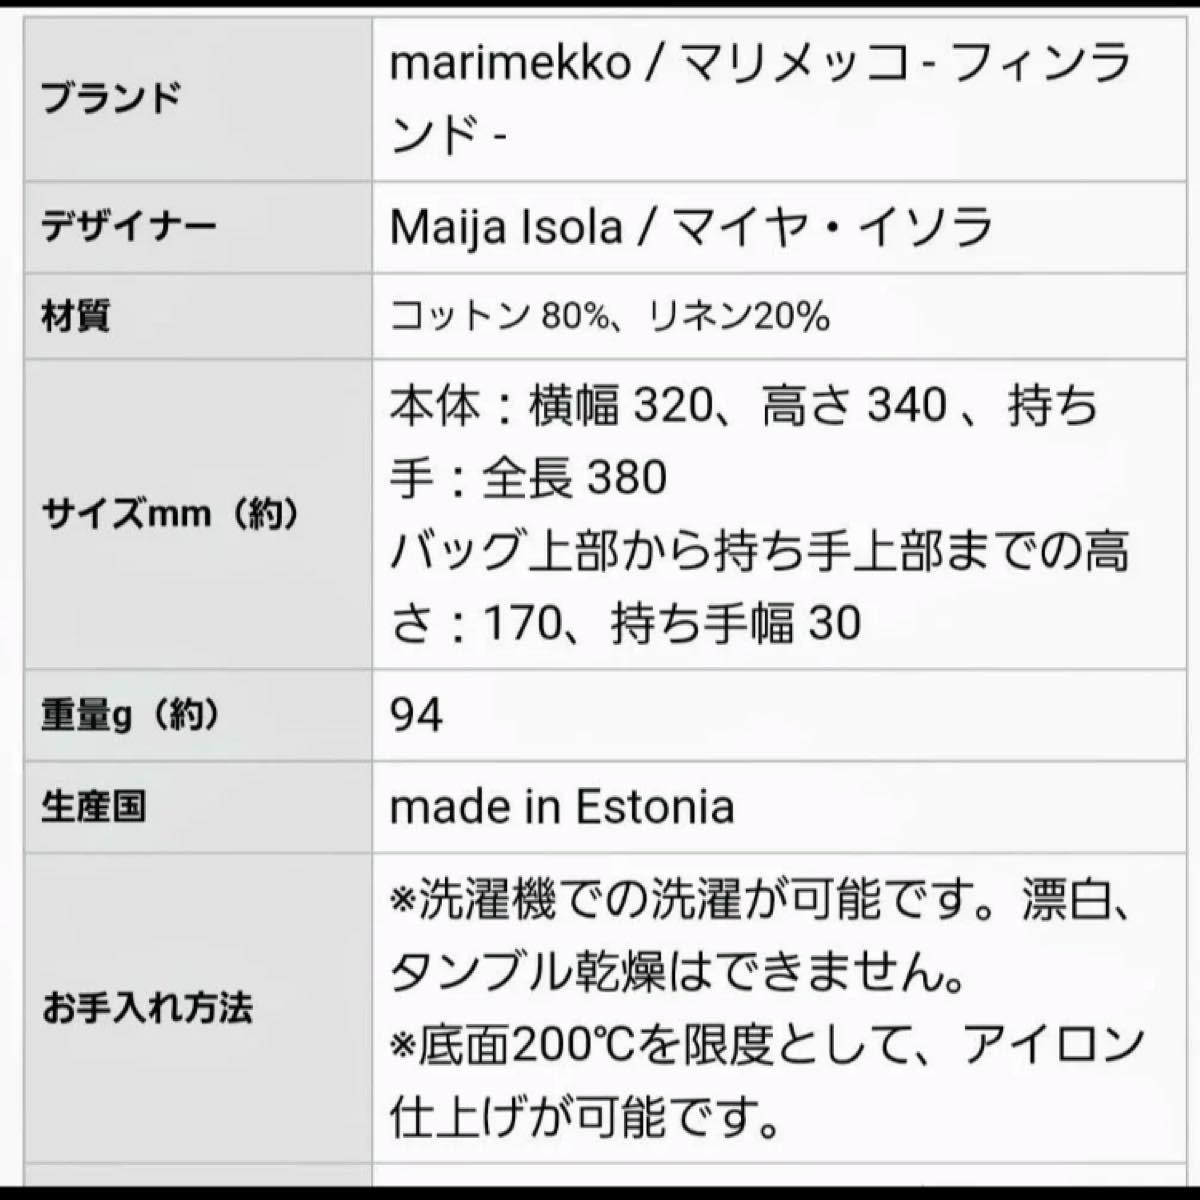 完売!マリメッコ ☆日本限定!トートバッグ